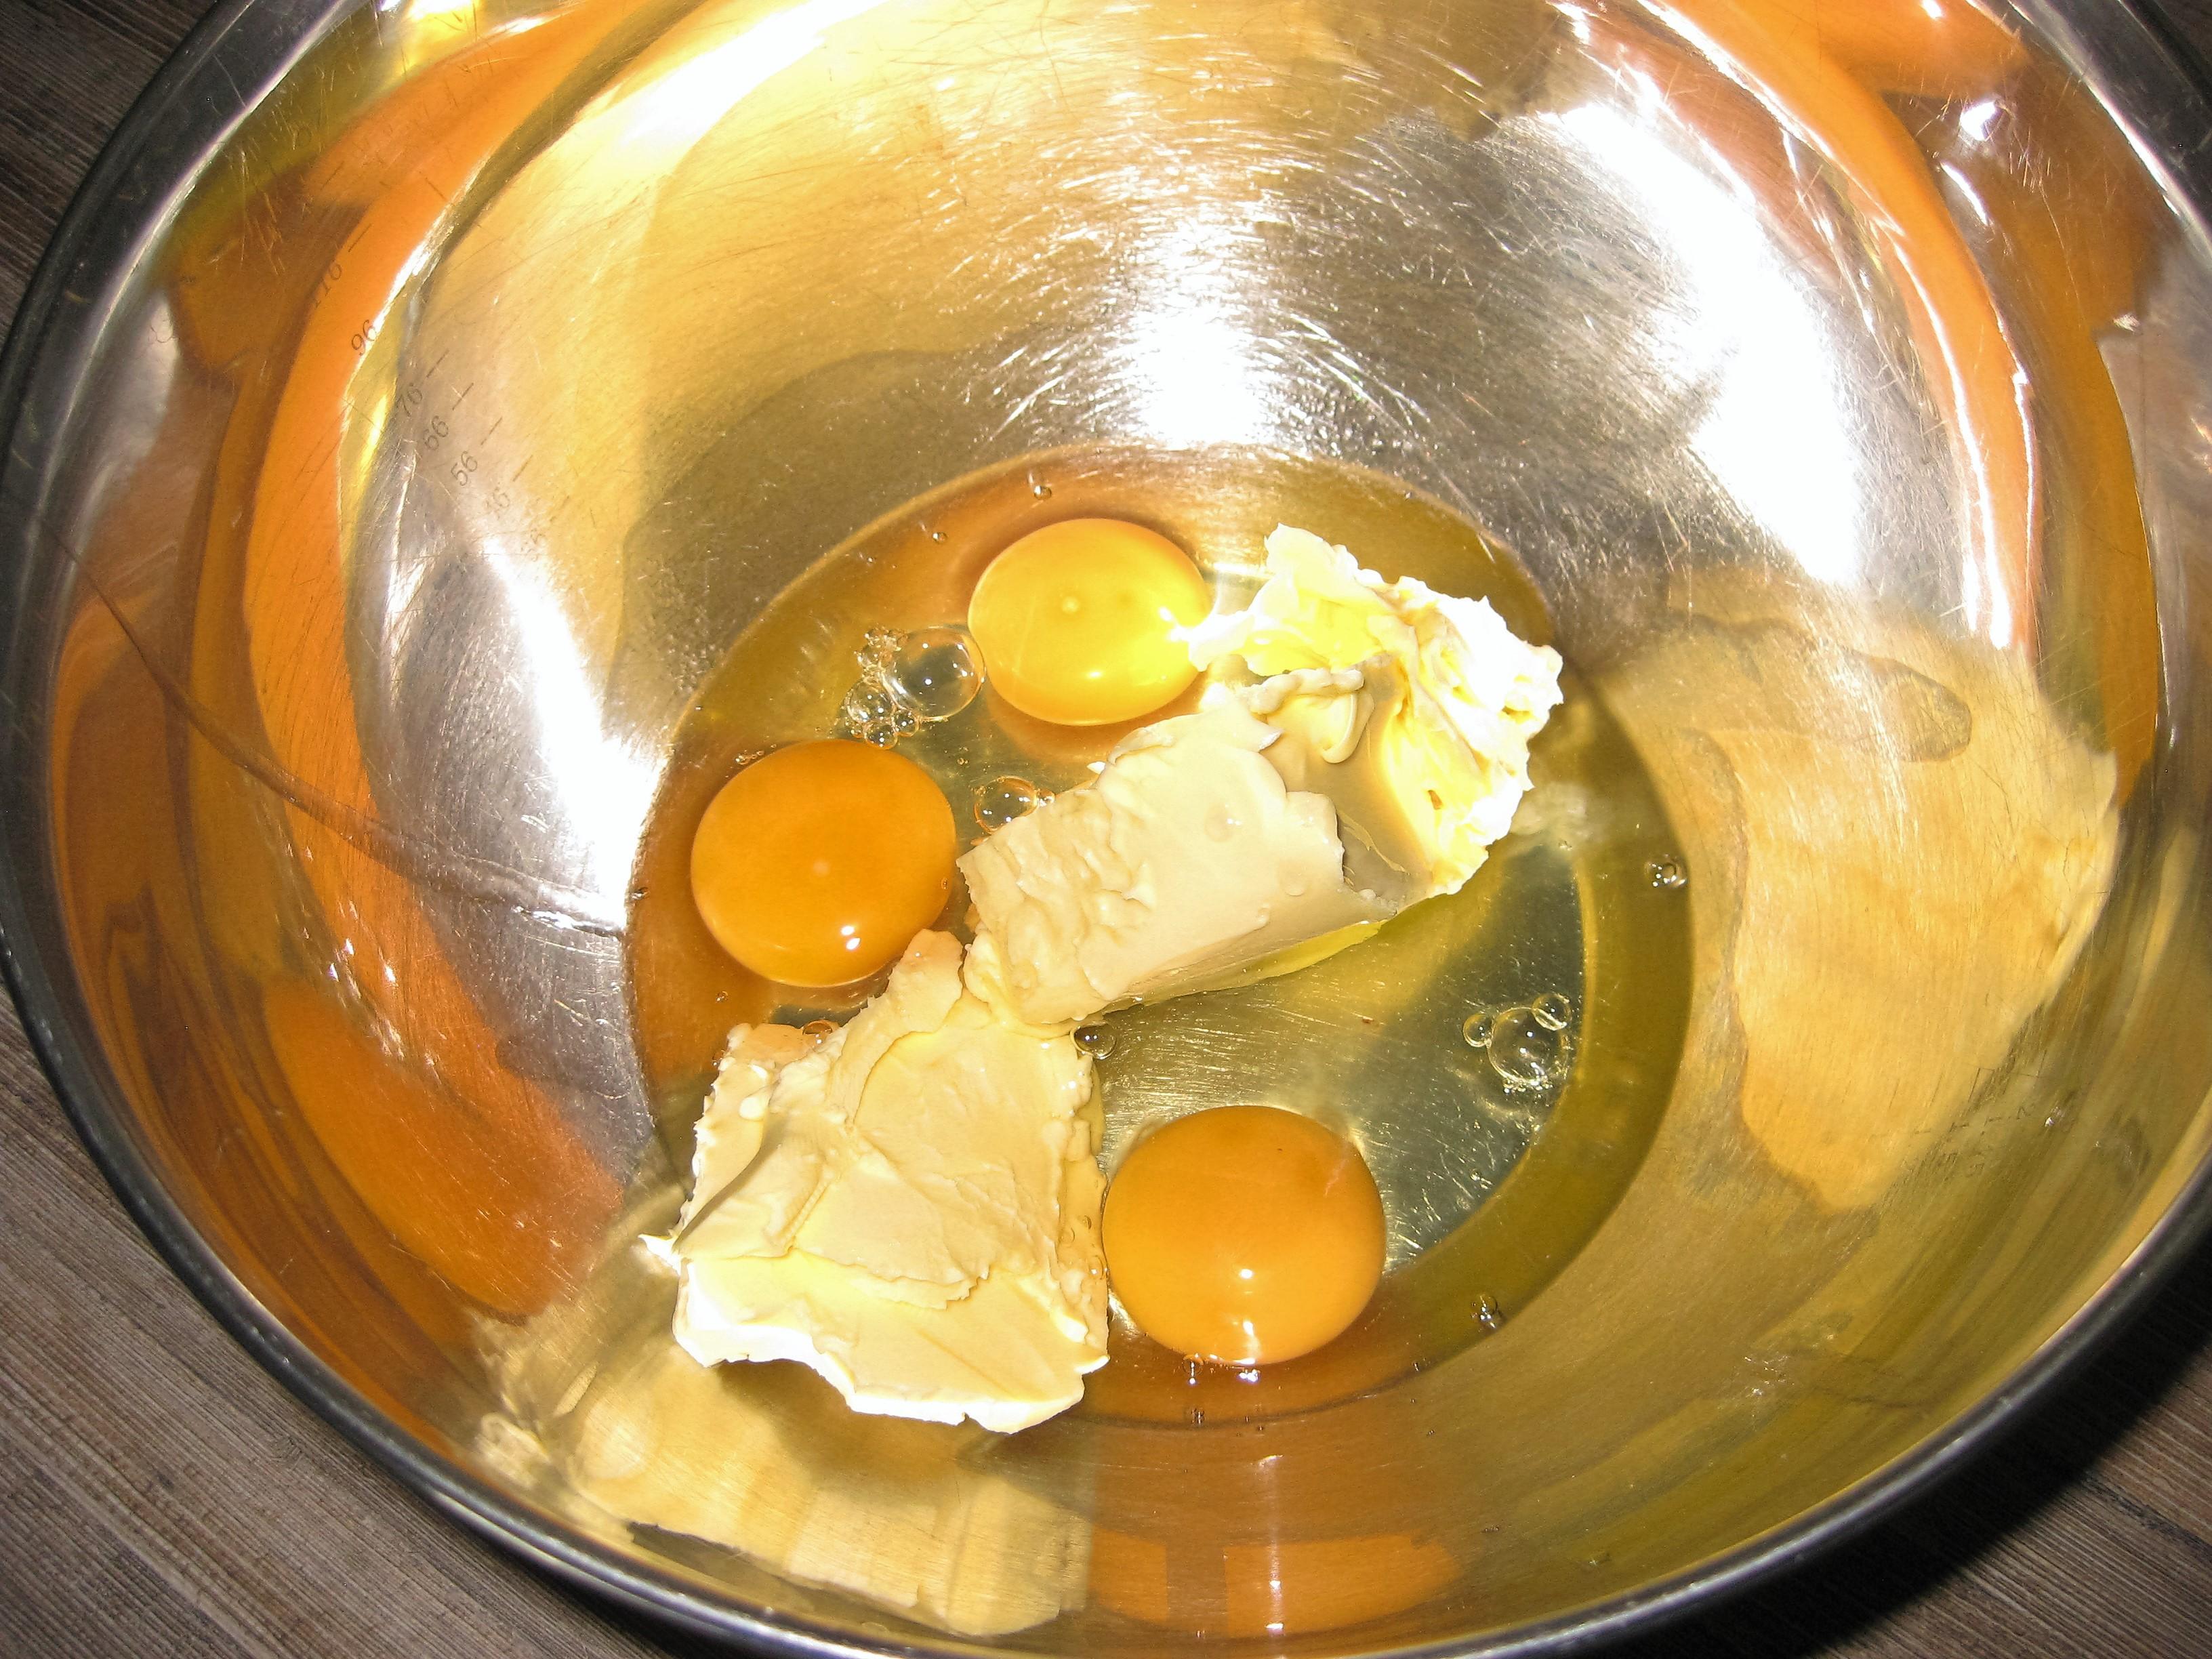 Eier und Butter in der Schüssel Hausfrauenmethode